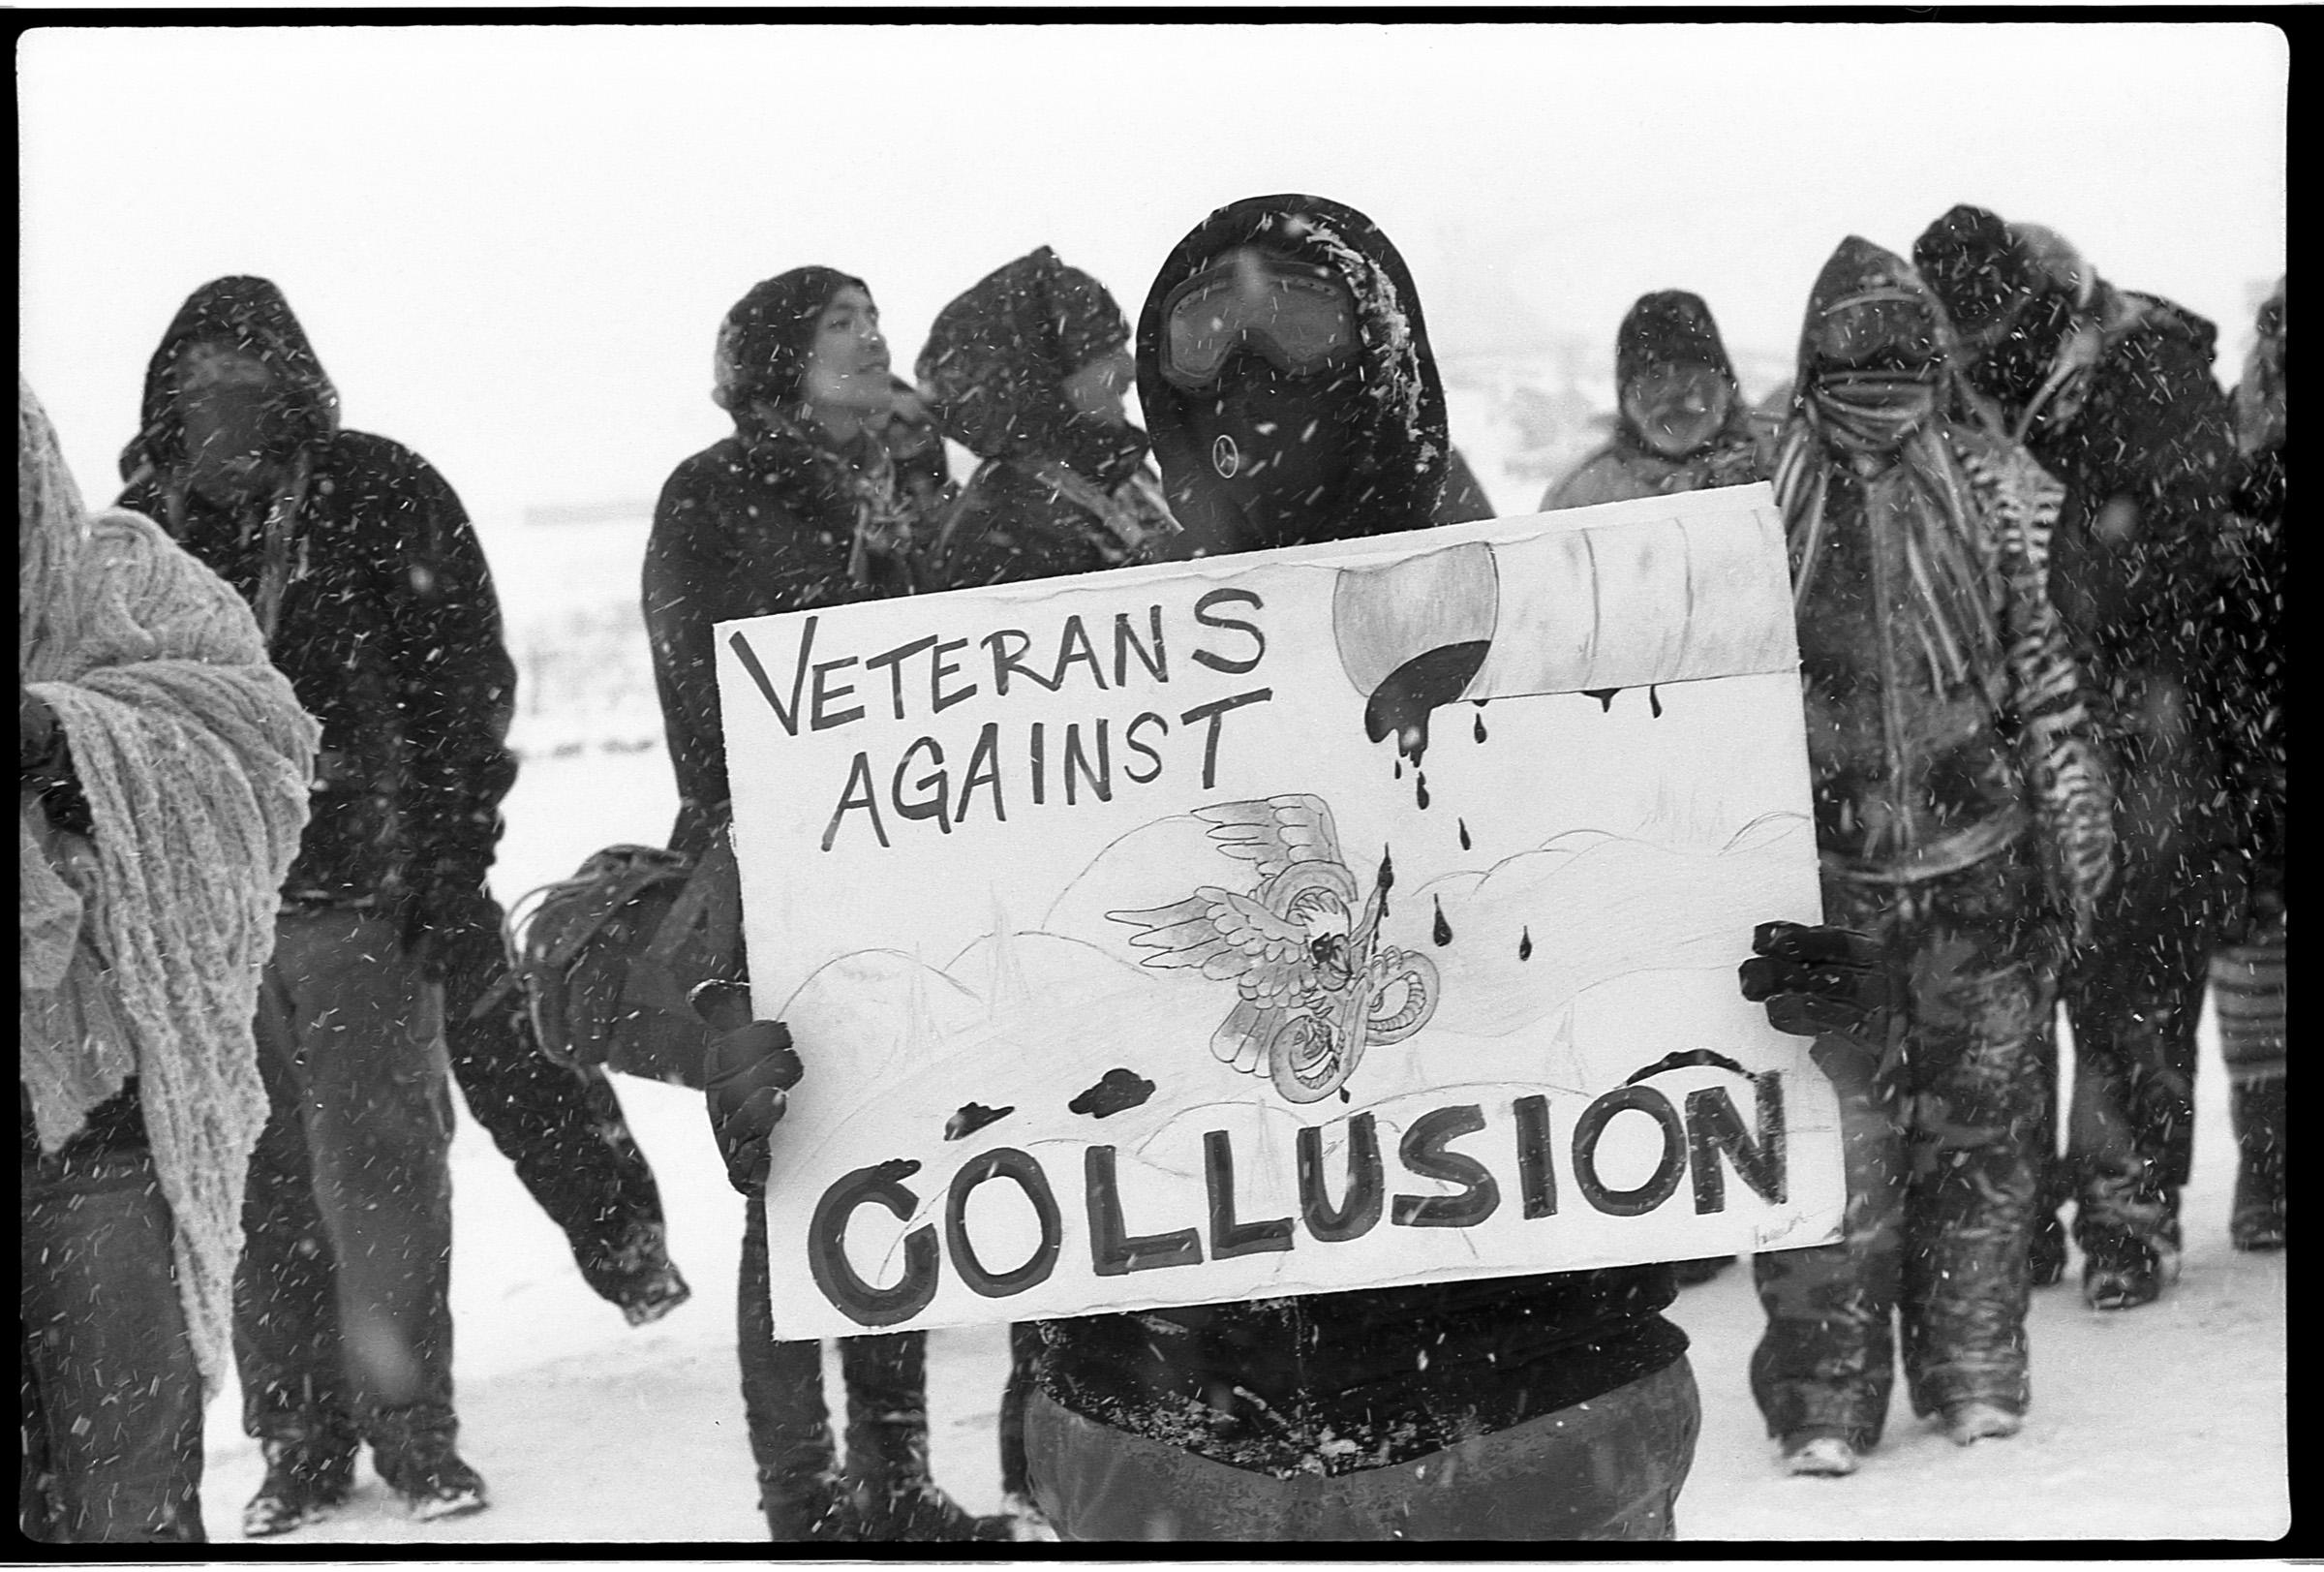 Standing Rock064 as Smart Object-1.jpg